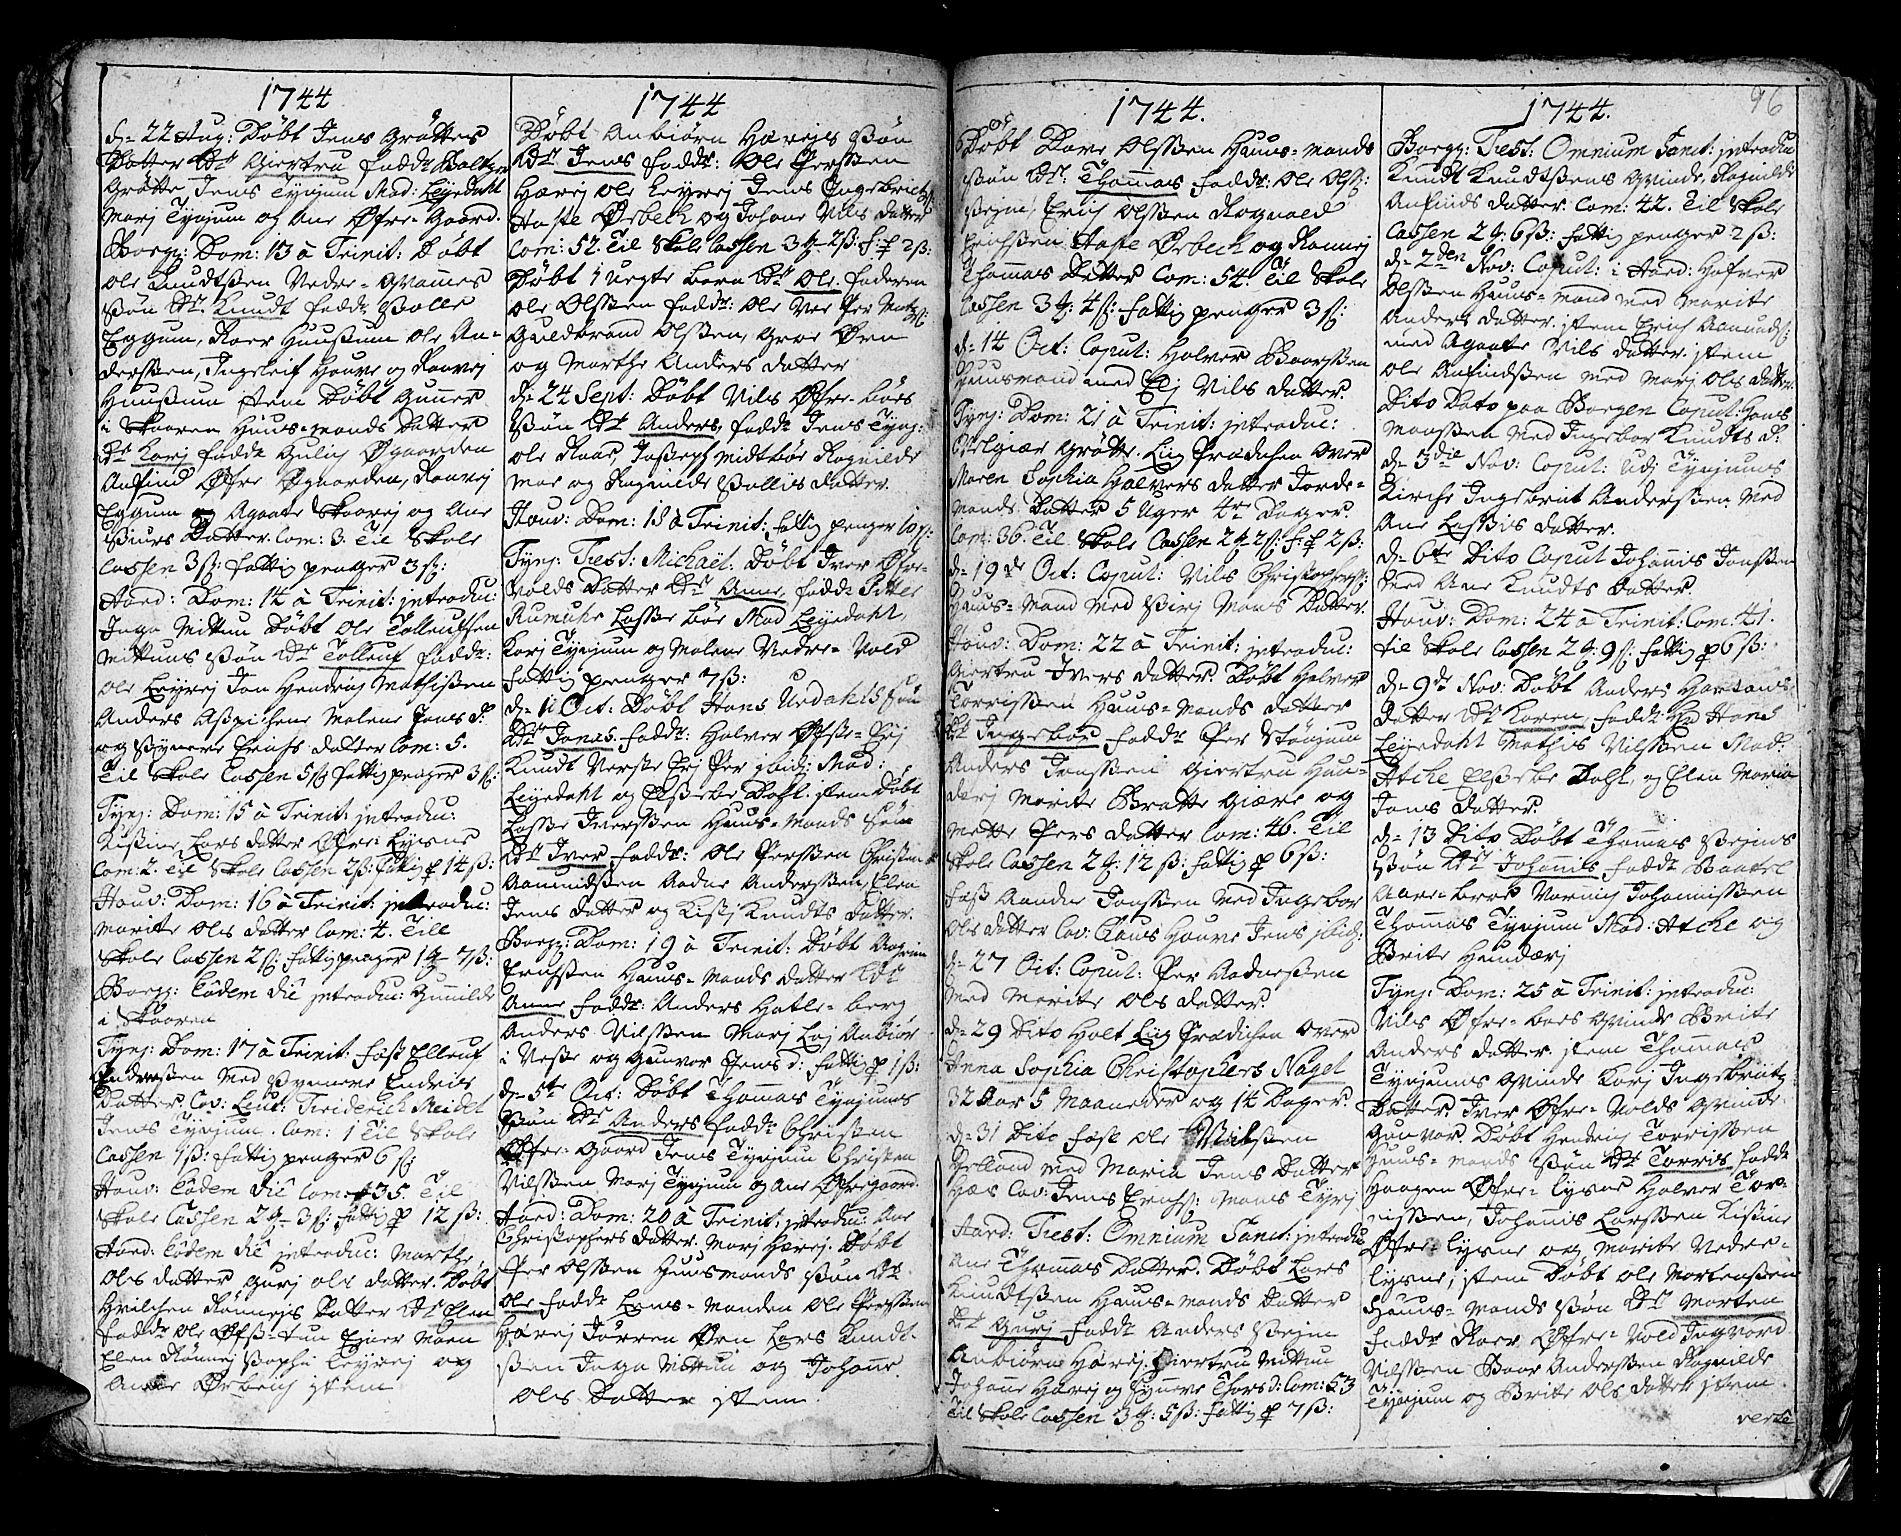 SAB, Lærdal sokneprestembete, Ministerialbok nr. A 1, 1711-1752, s. 96